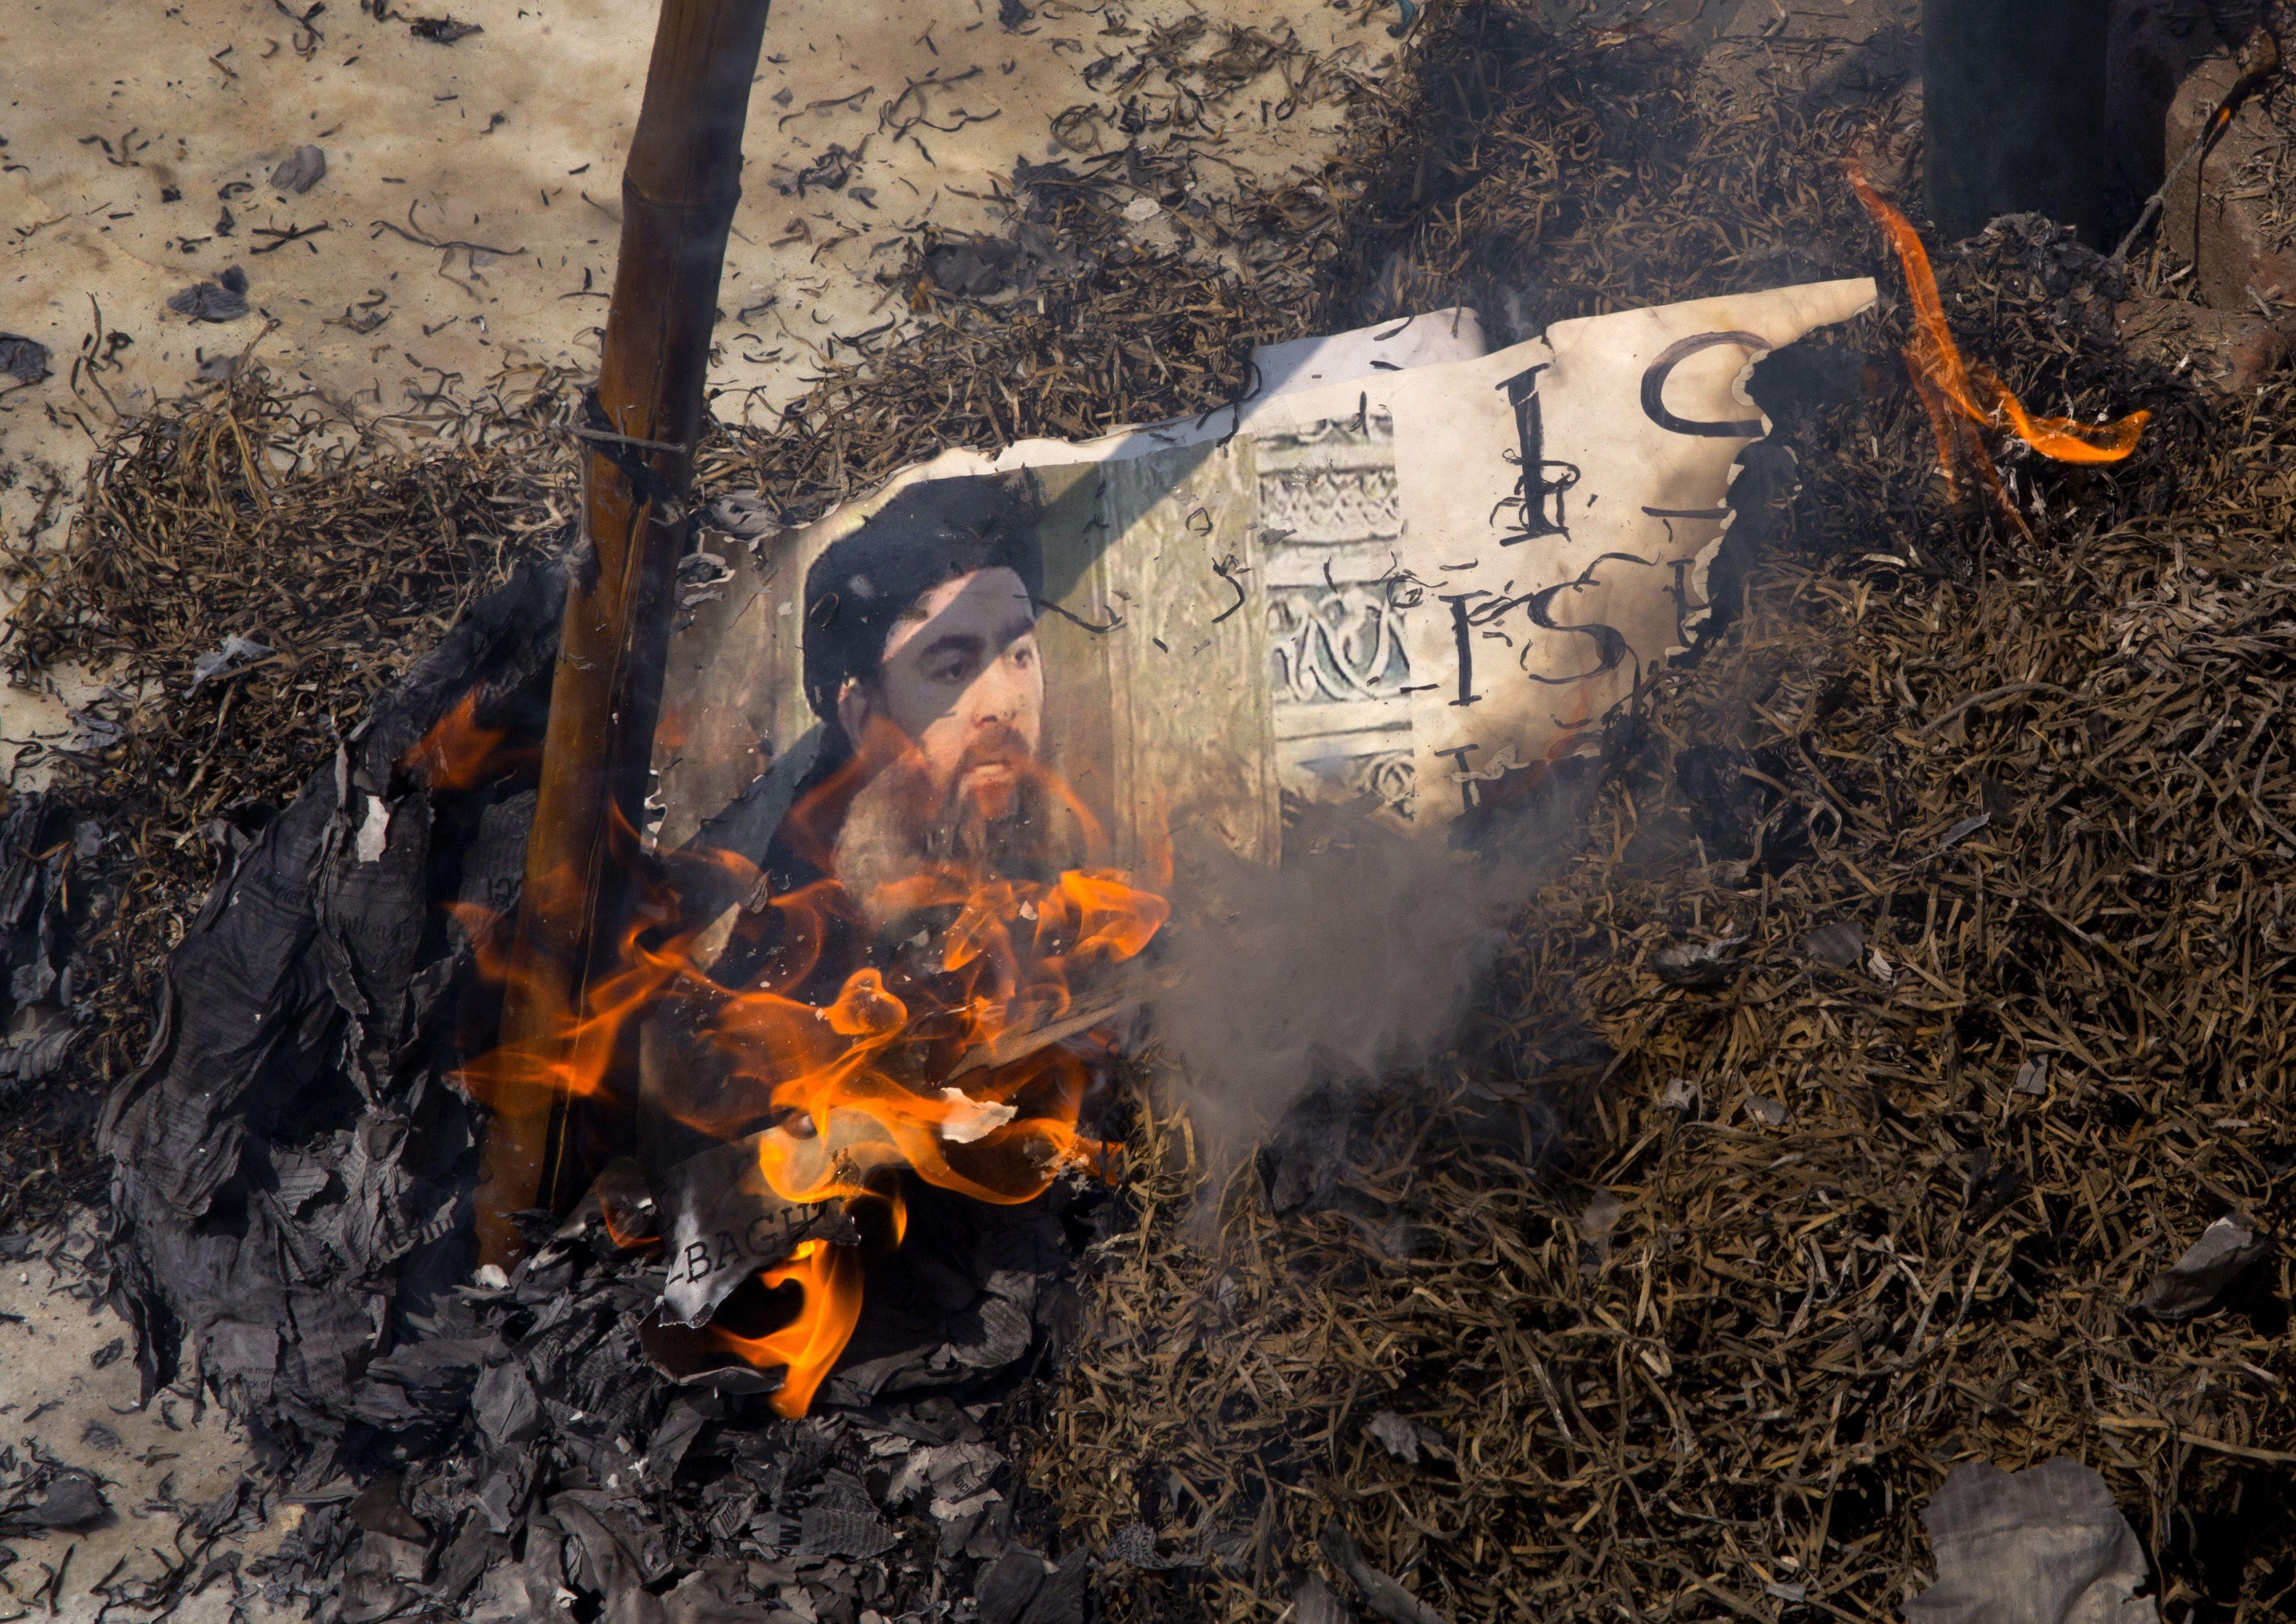 Абу Бакра аль-Багдаді, ІДІЛ, Ісламська держава